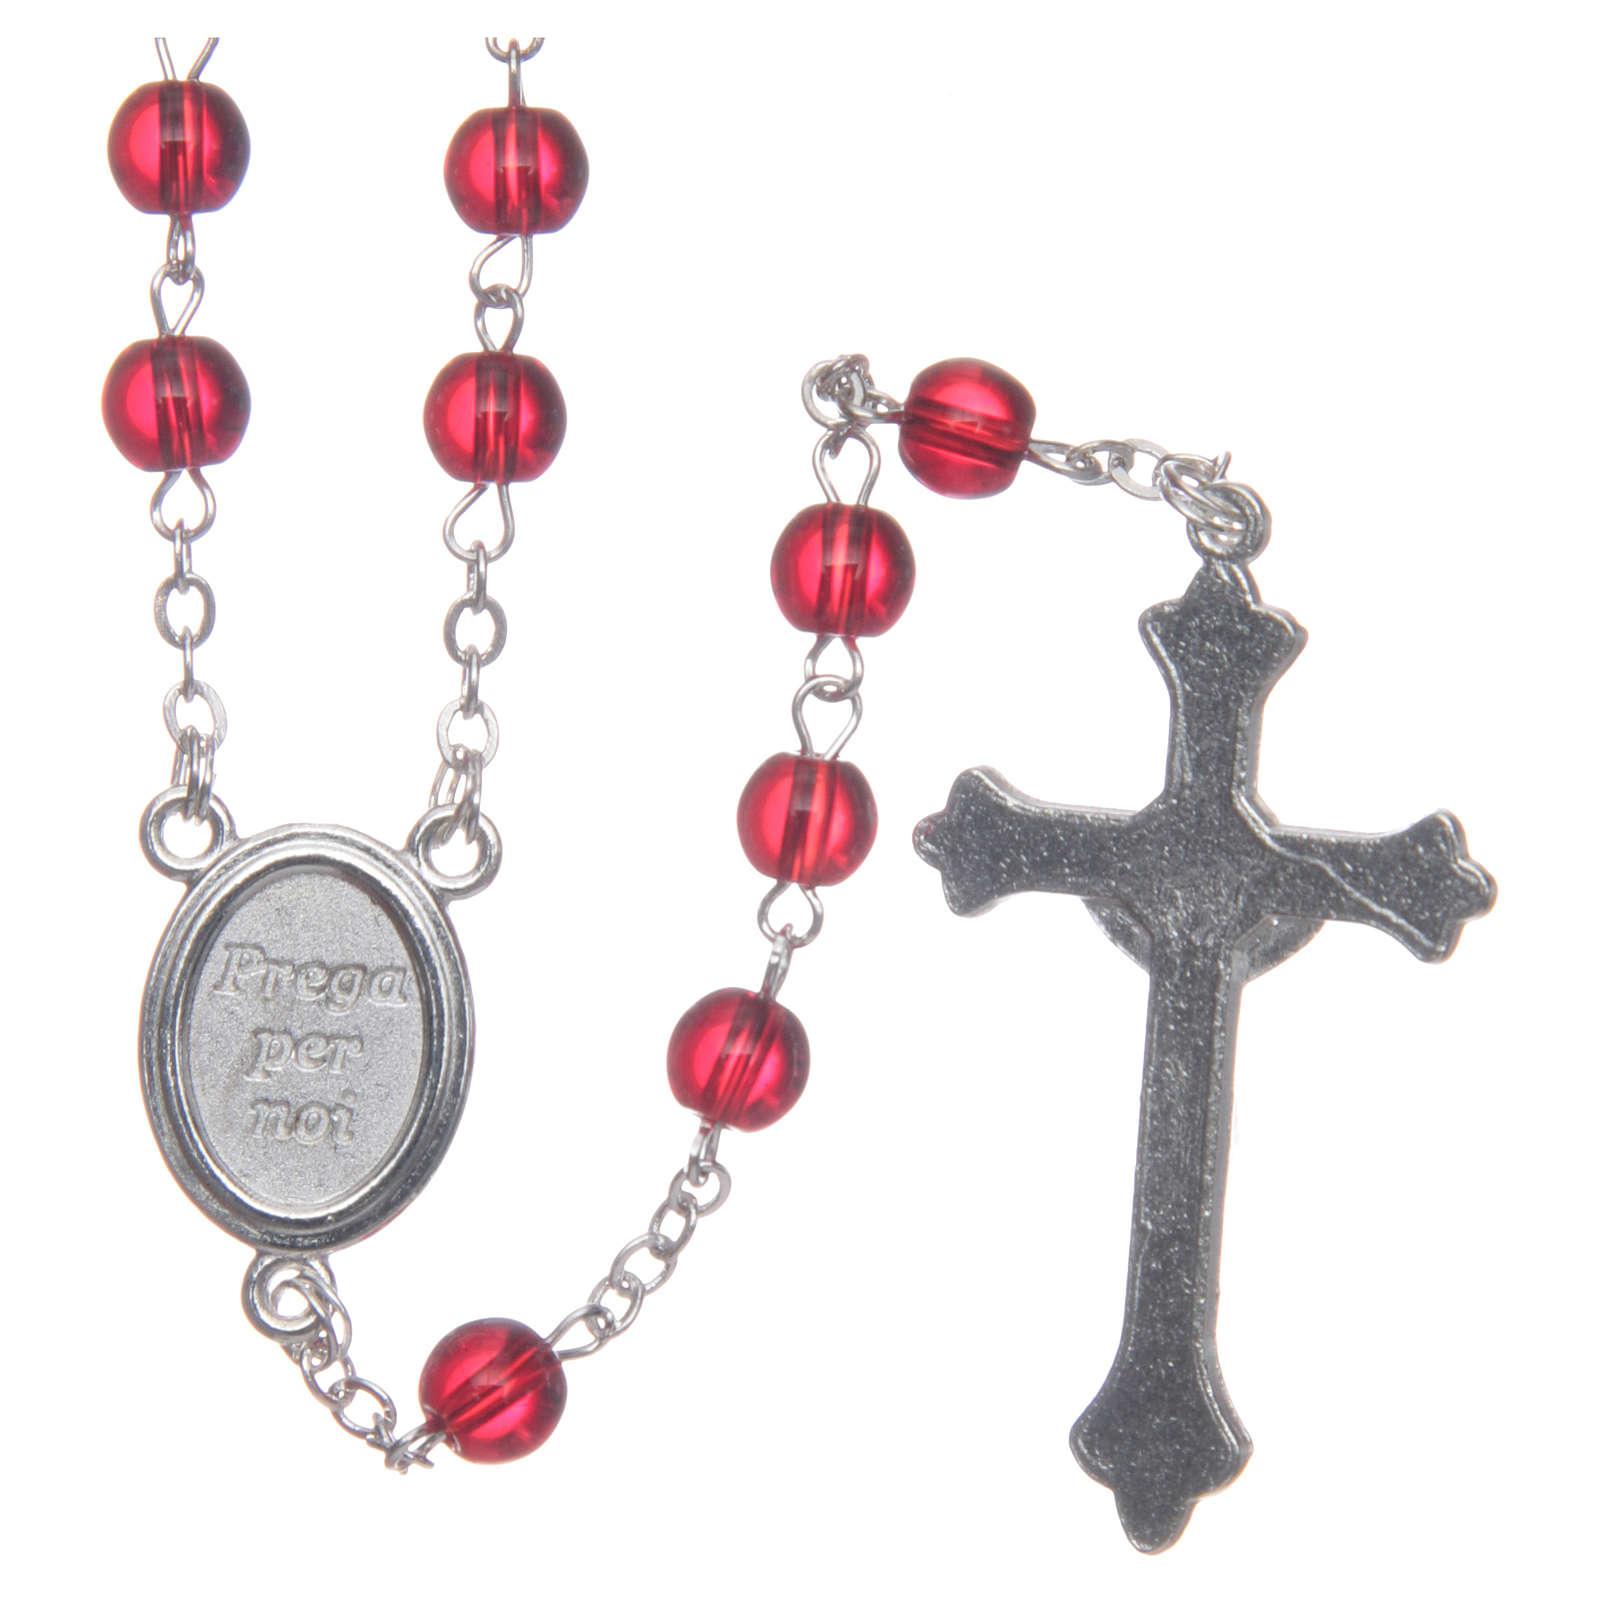 Rosario Infermeria dell'Anima Madonna scioglie nodi SPAGNOLO 4